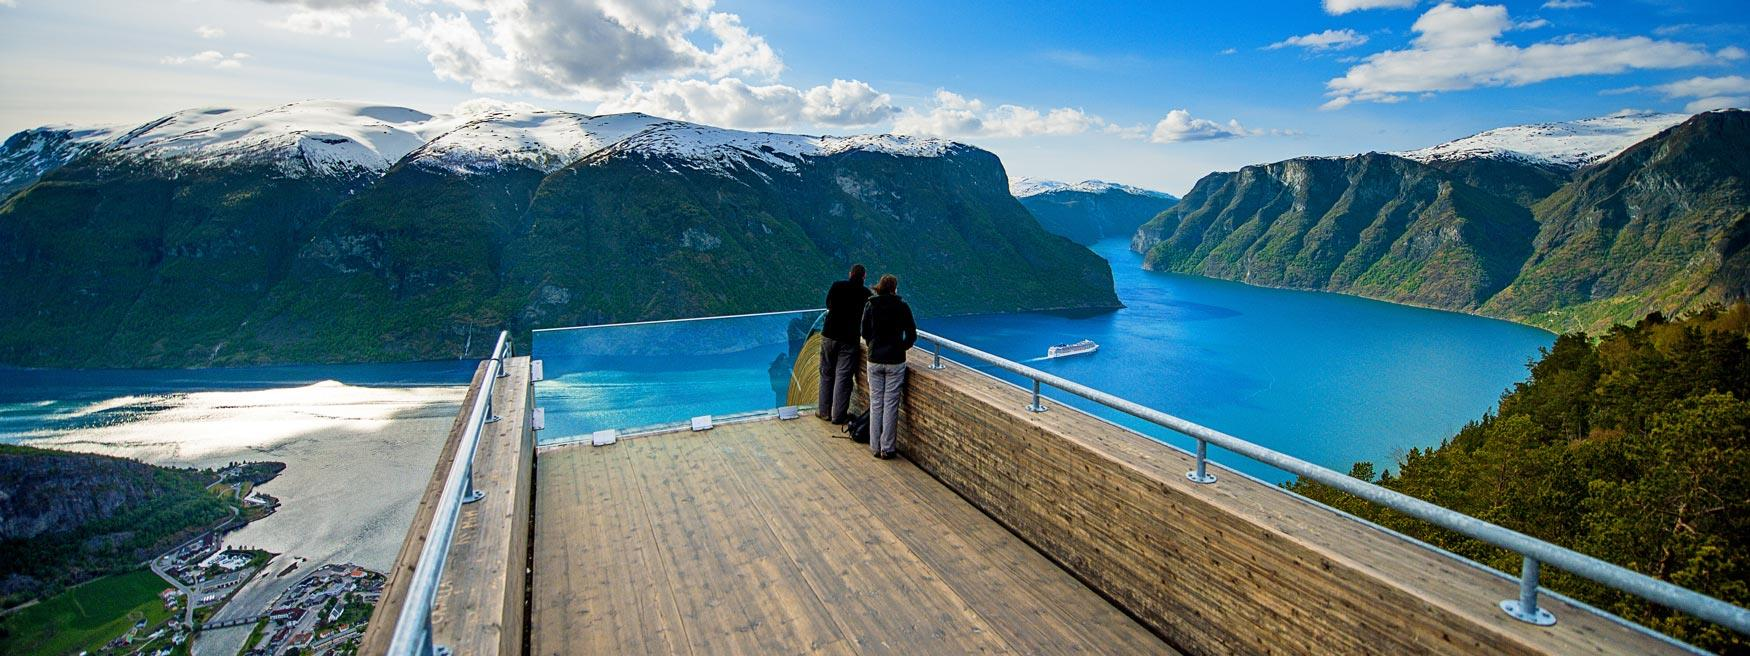 www.fjordnorway.com7.jpg